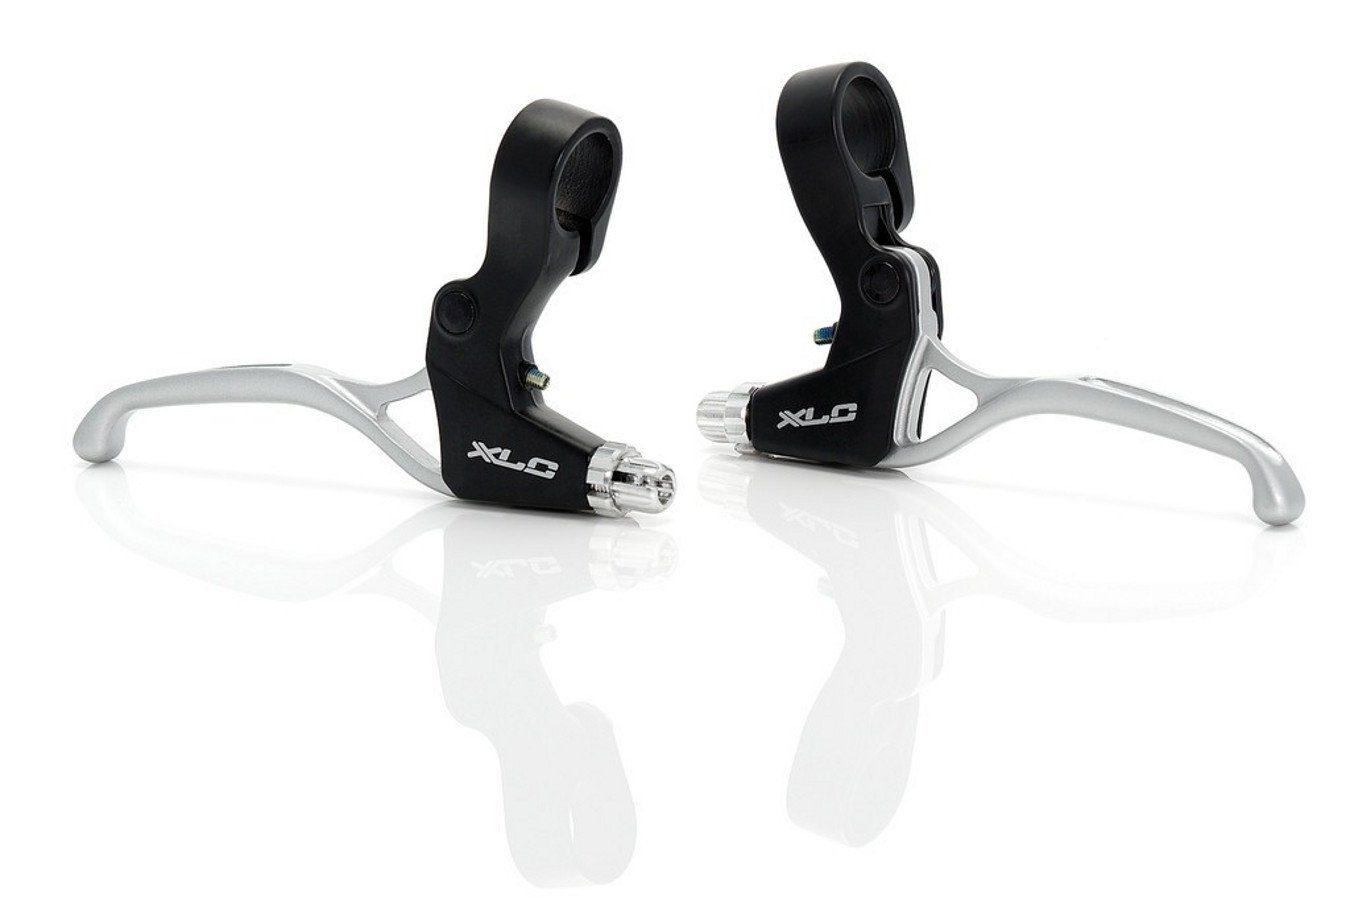 XLC Bremshebel »BL-V02 Bremshebel Set für Drehgriff«